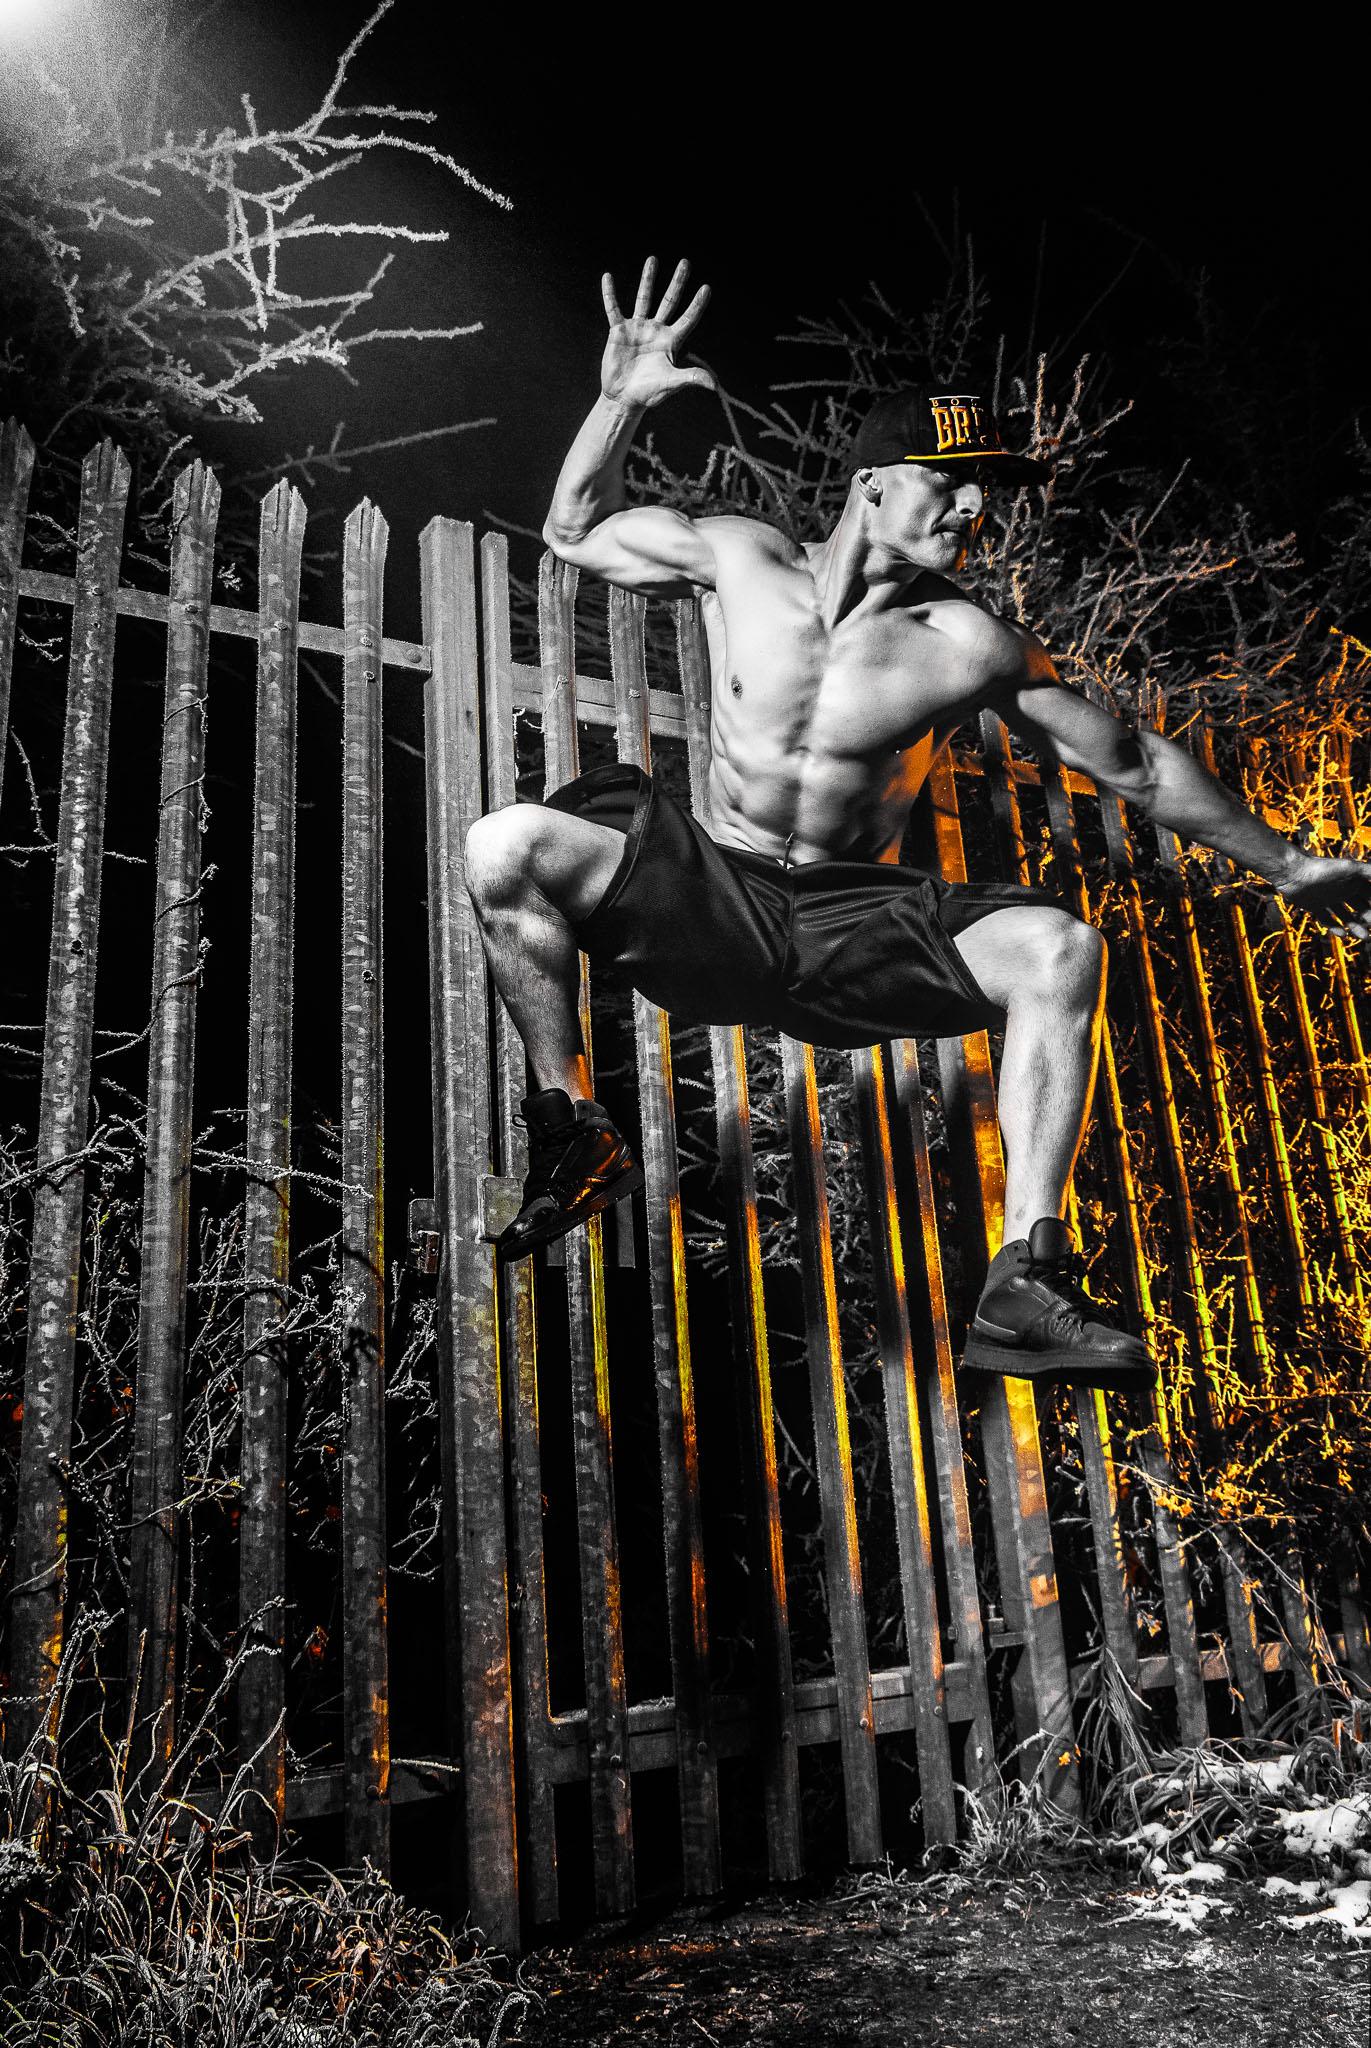 Luke_Musharbash_portrait_&_commericial_photographer_yorkshire_17.jpg